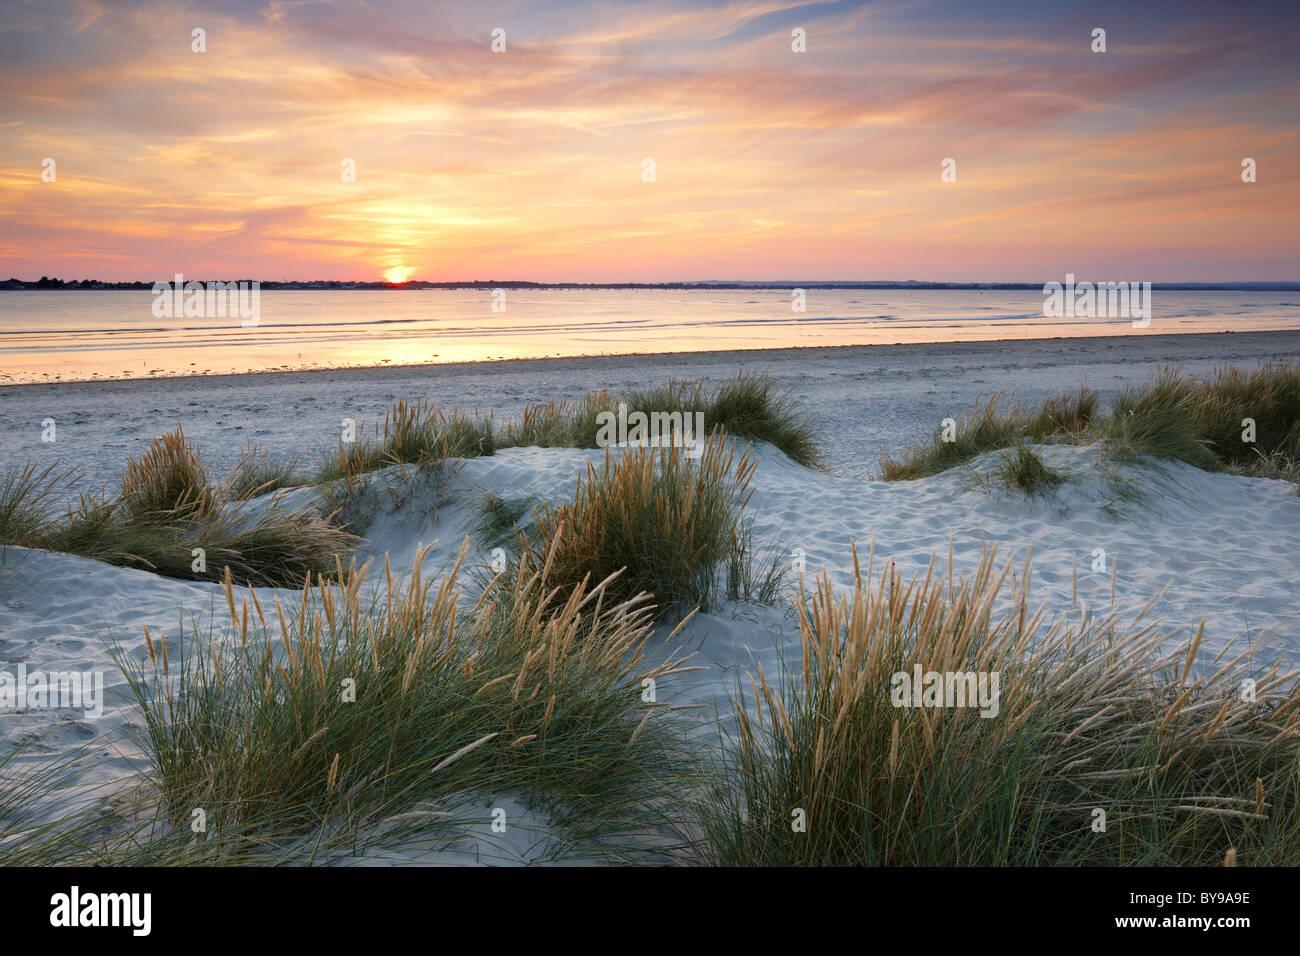 Luce della Sera sulle dune di sabbia ad est di testa. Una spiaggia di sabbia e ciottoli spit situato all'entrata Immagini Stock